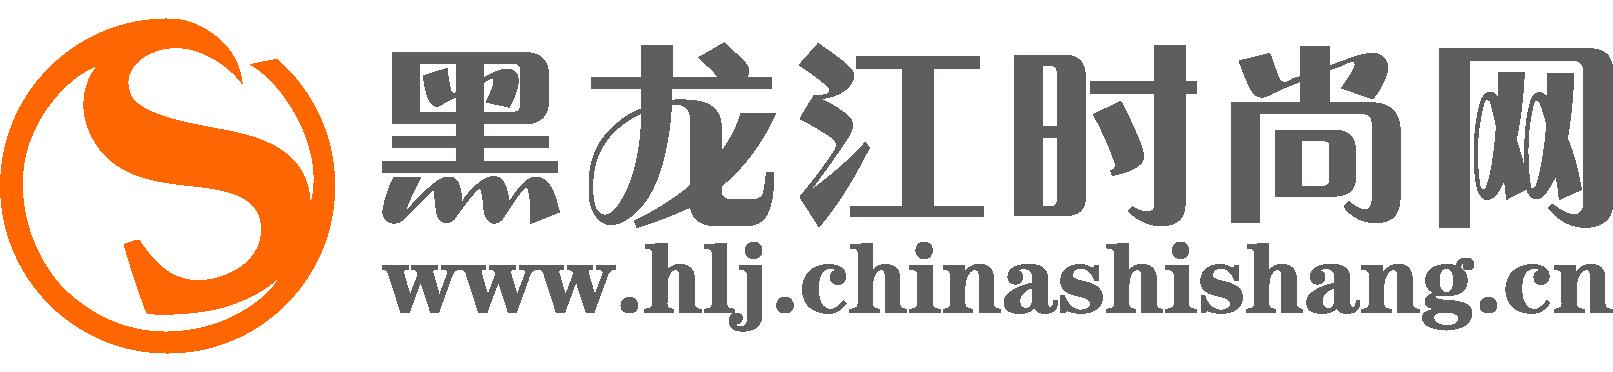 黑龙江时尚网